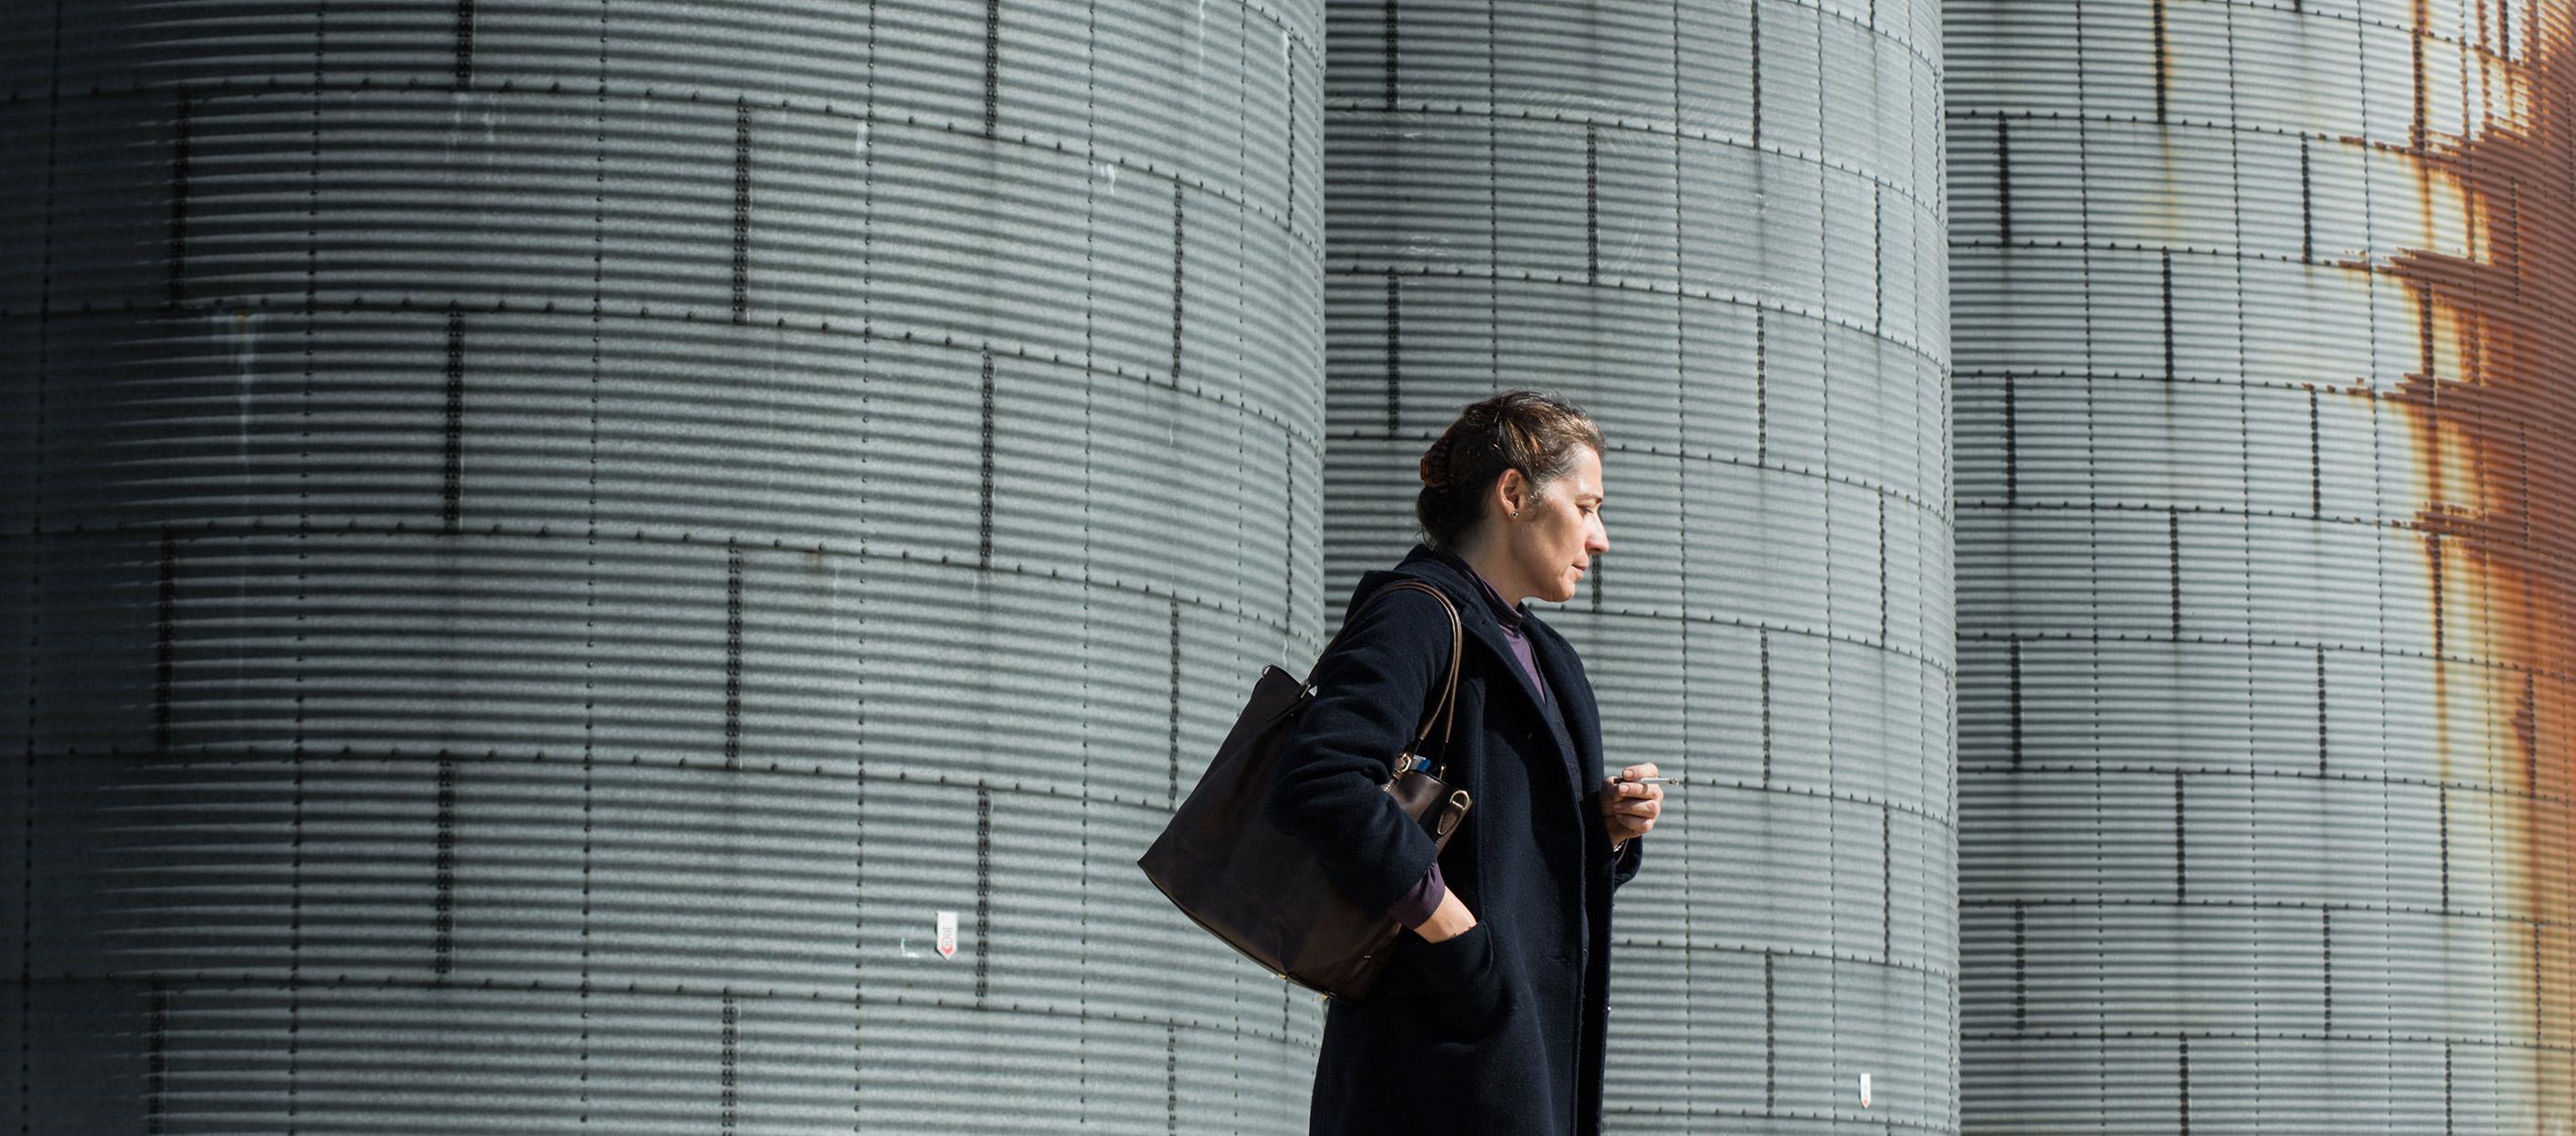 Cine en Construcción 36 presentará seis óperas primas en San Sebastián